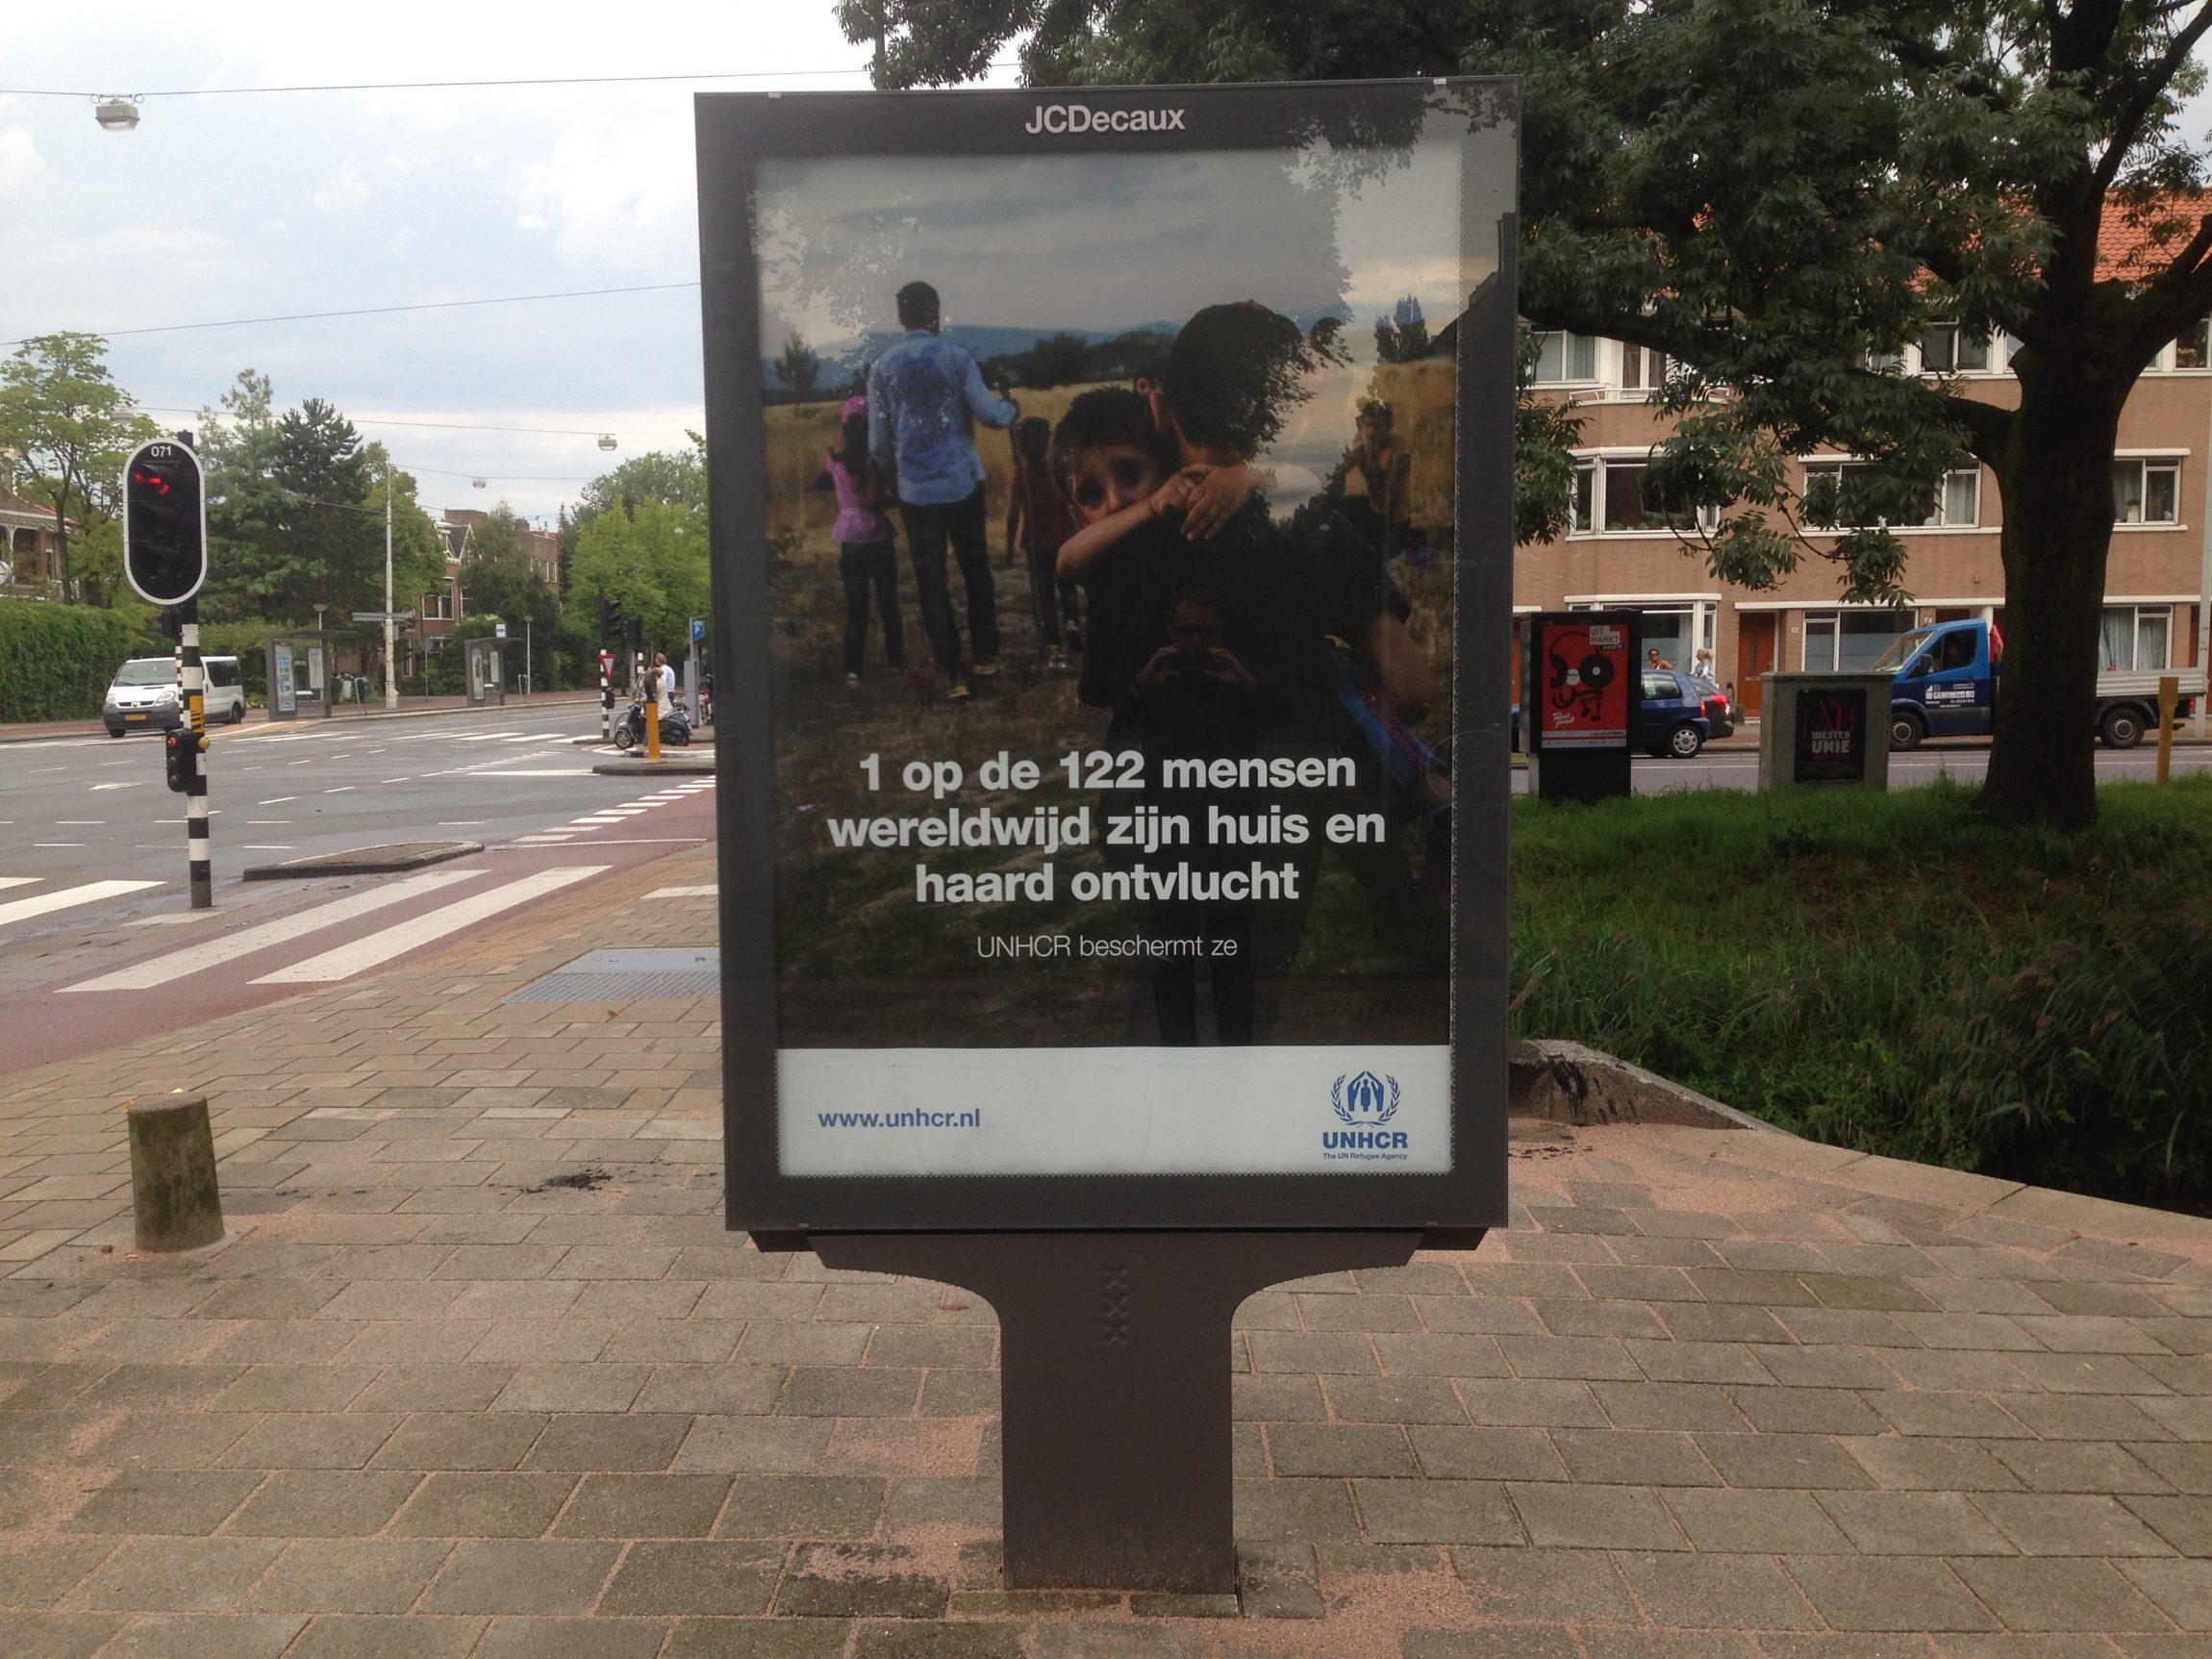 Fiets je rustig over straat, zie je plotseling een abri met daarop een tekst over vluchtelingen: '1 op de 122 mensen wereldwijd zijn huis en haard ontvlucht'. Dat is een getal dat bij je blijft hangen. 1 op de 122. Zijn dat er veel? Of juist weinig? Wie zijn het? Het zijn er veel. Op…